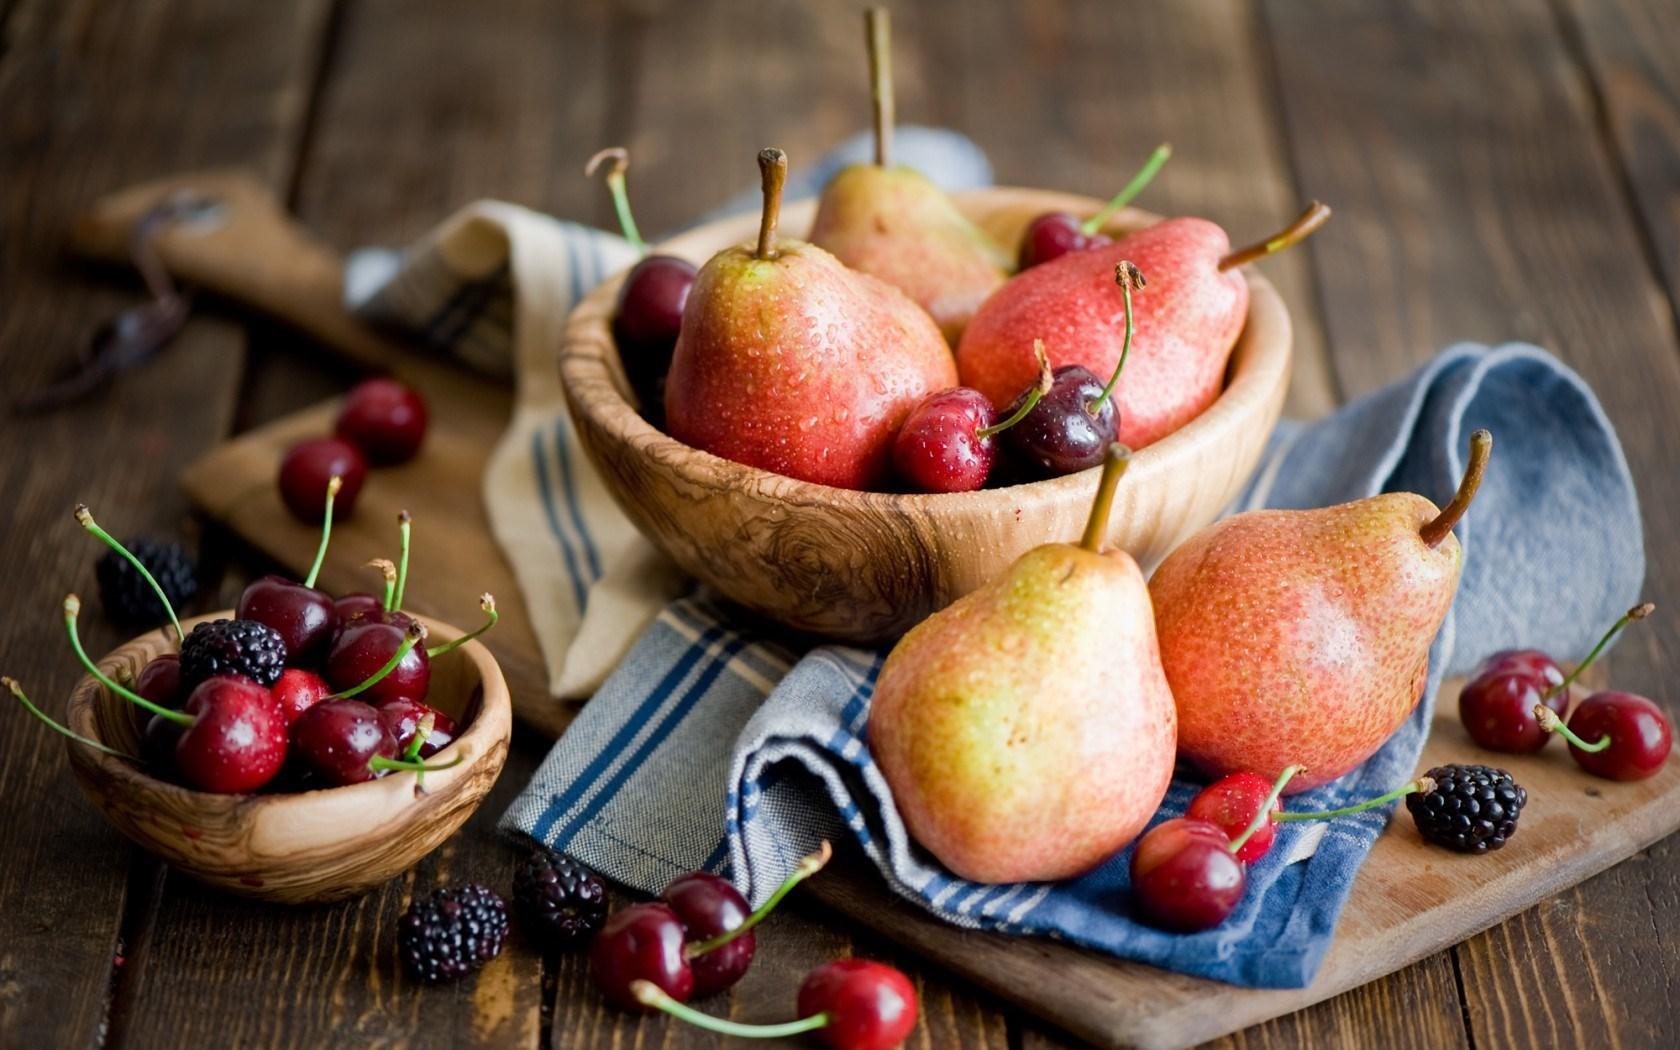 Pears Cherries Blackberries Fruit Berries Tableware Wooden